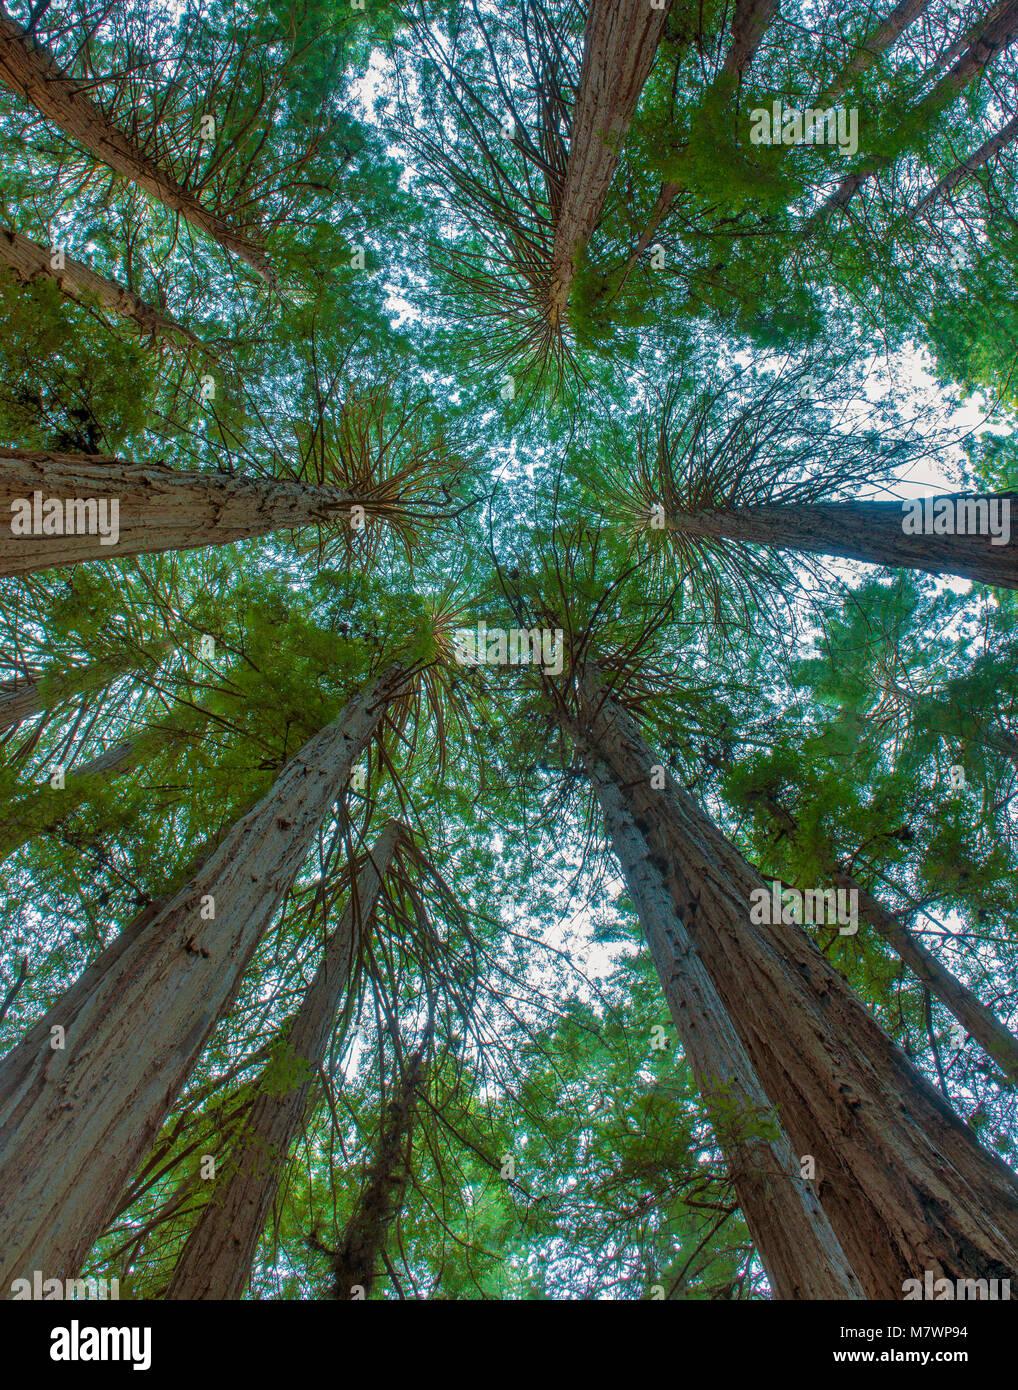 Anneau de cathédrale, séquoias, Sequoia sempervirens, Muir Woods National Monument, le comté de Marin, Photo Stock